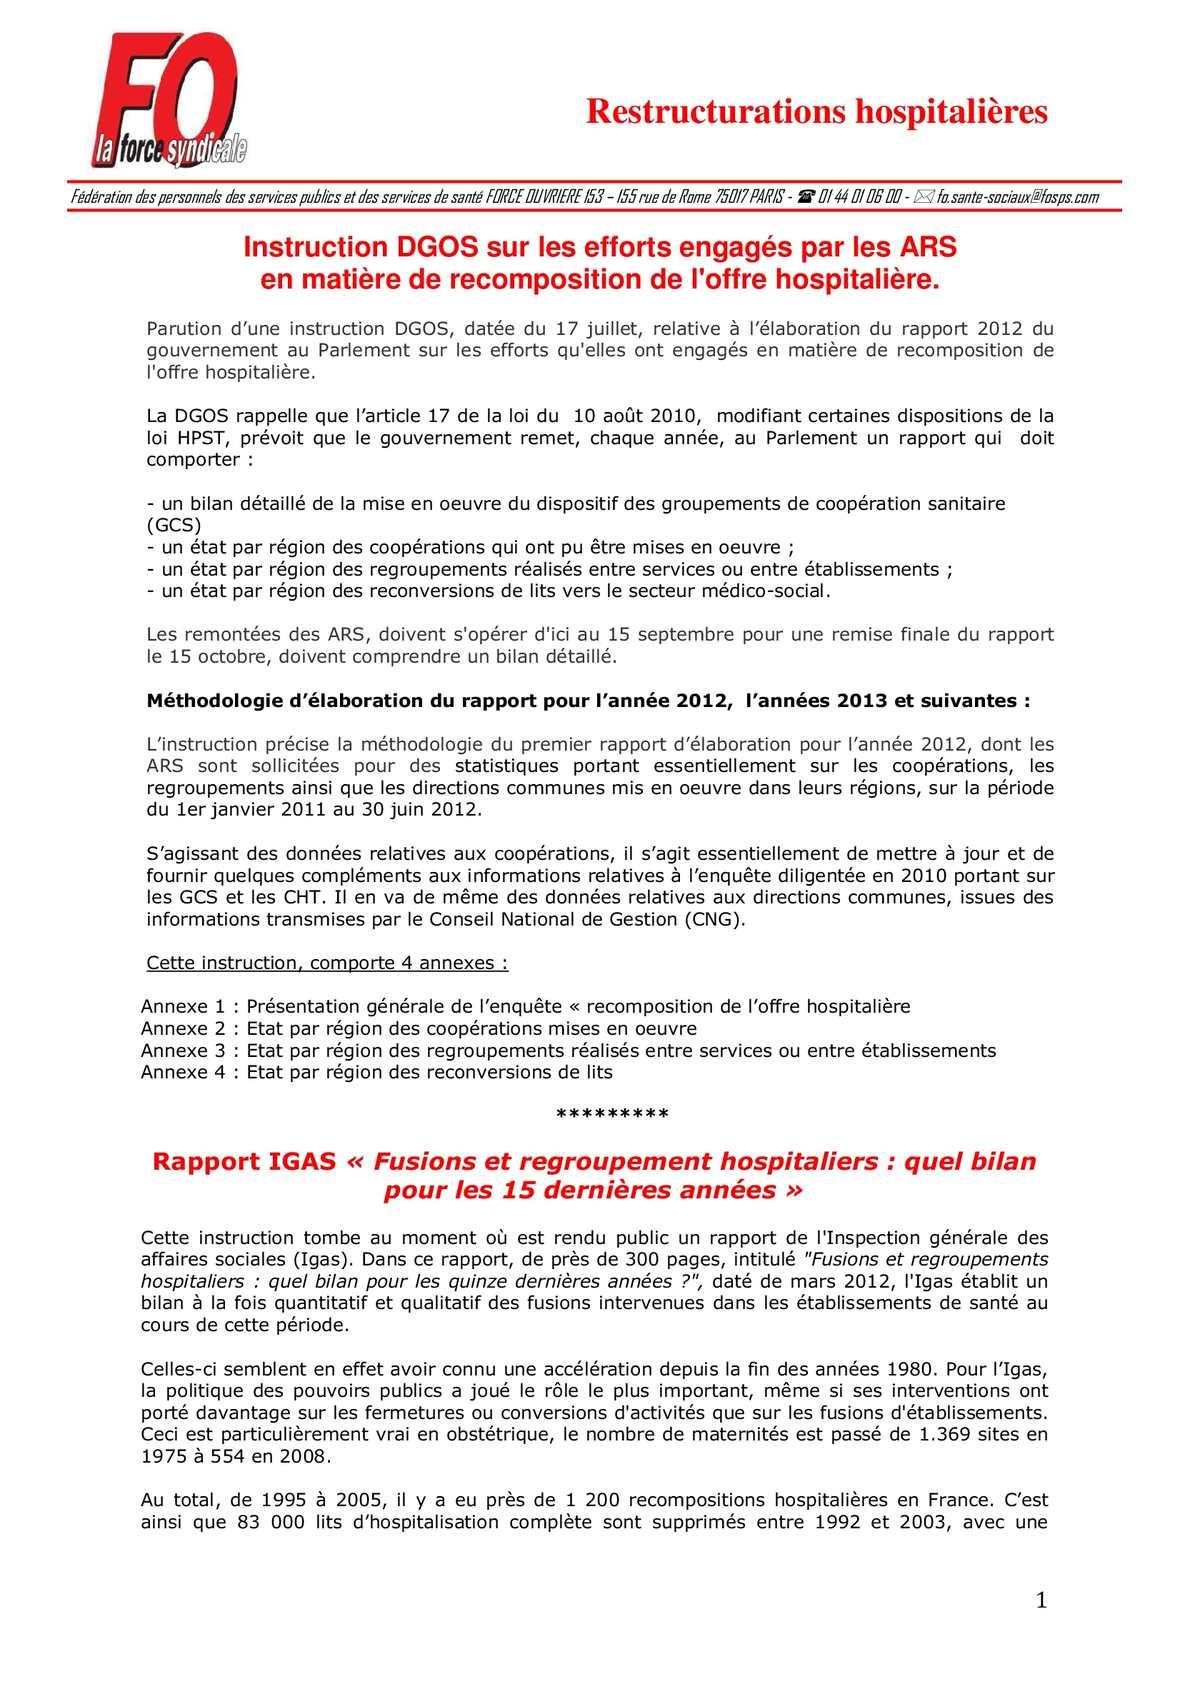 c91636c7cad28d Calaméo - Rapport 2012 du gouvernement au Parlement sur les efforts  qu elles ont engagés en matière de recomposition de l offre hospitalière.